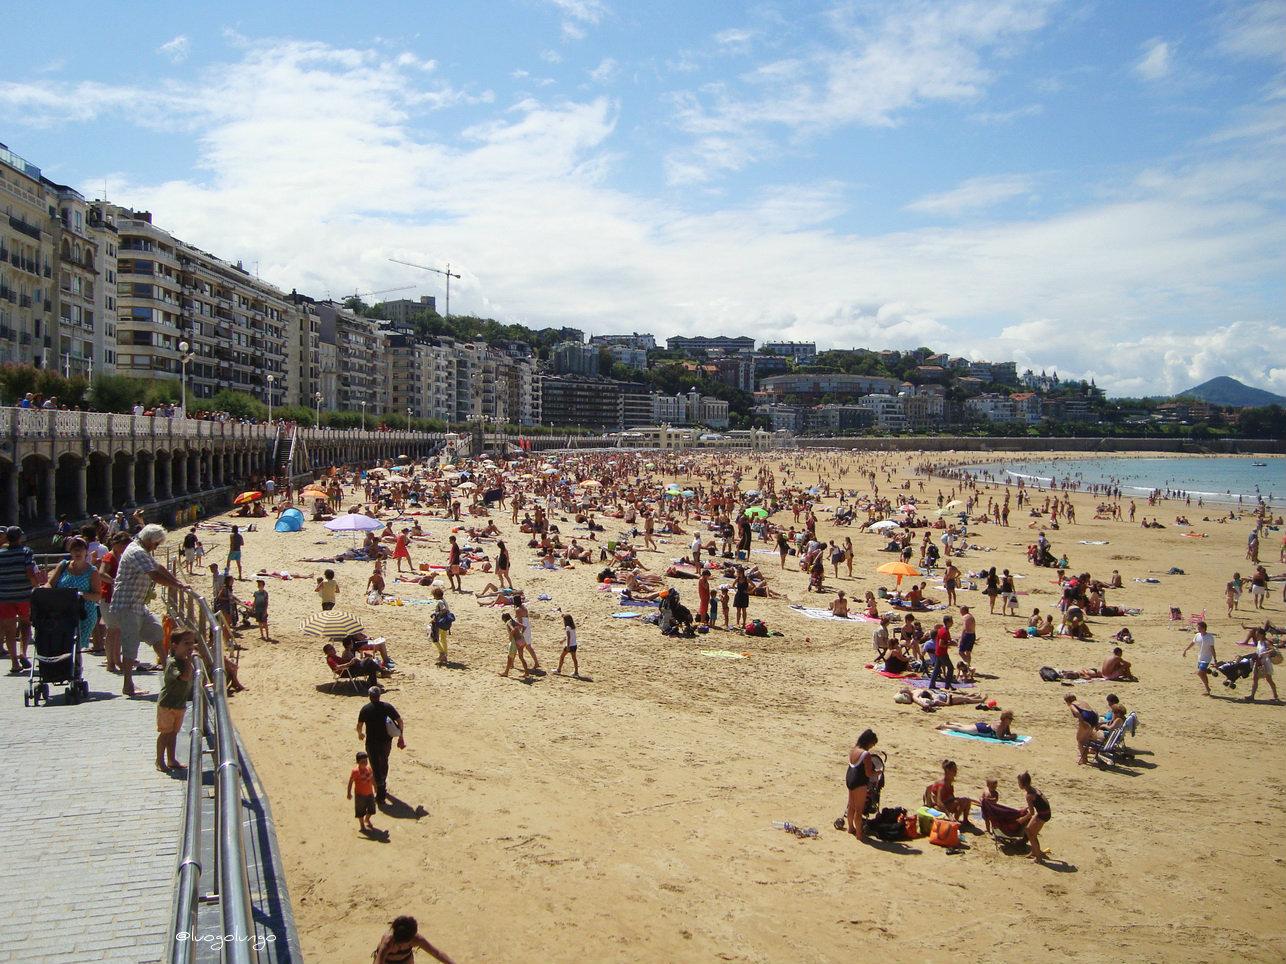 Spiaggia_San Sebastian_ luOgoluNgo